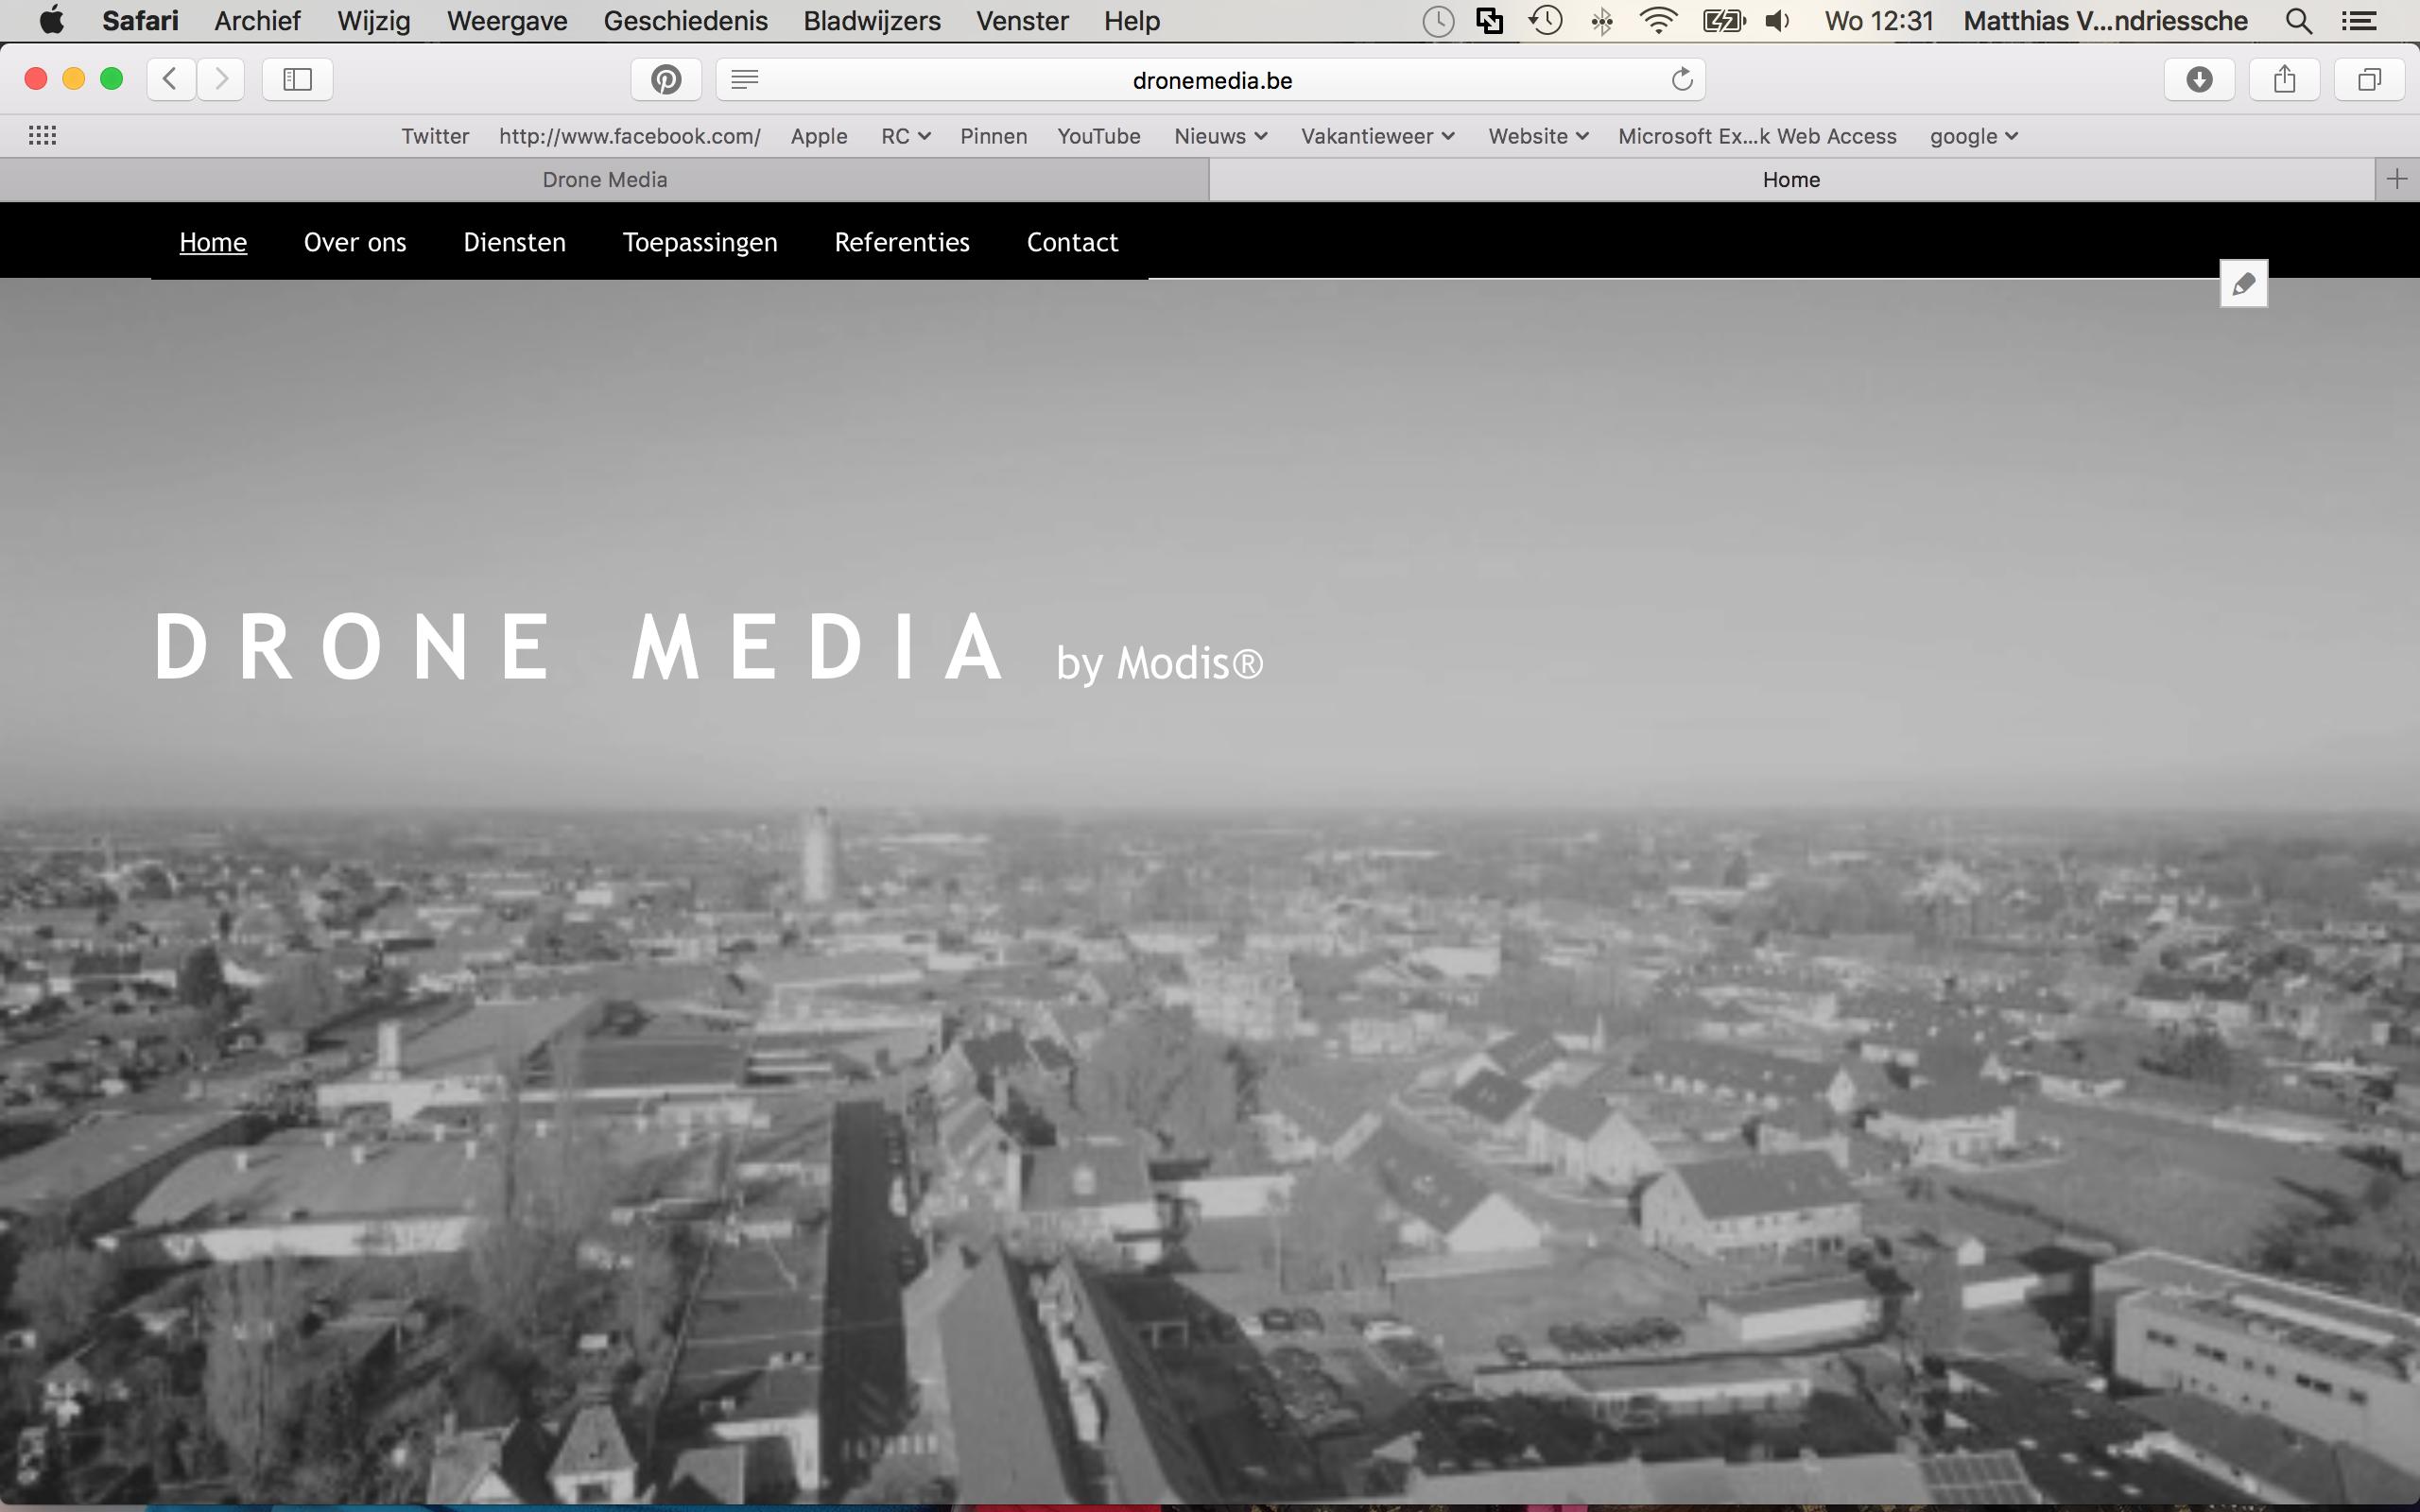 Dronemedia